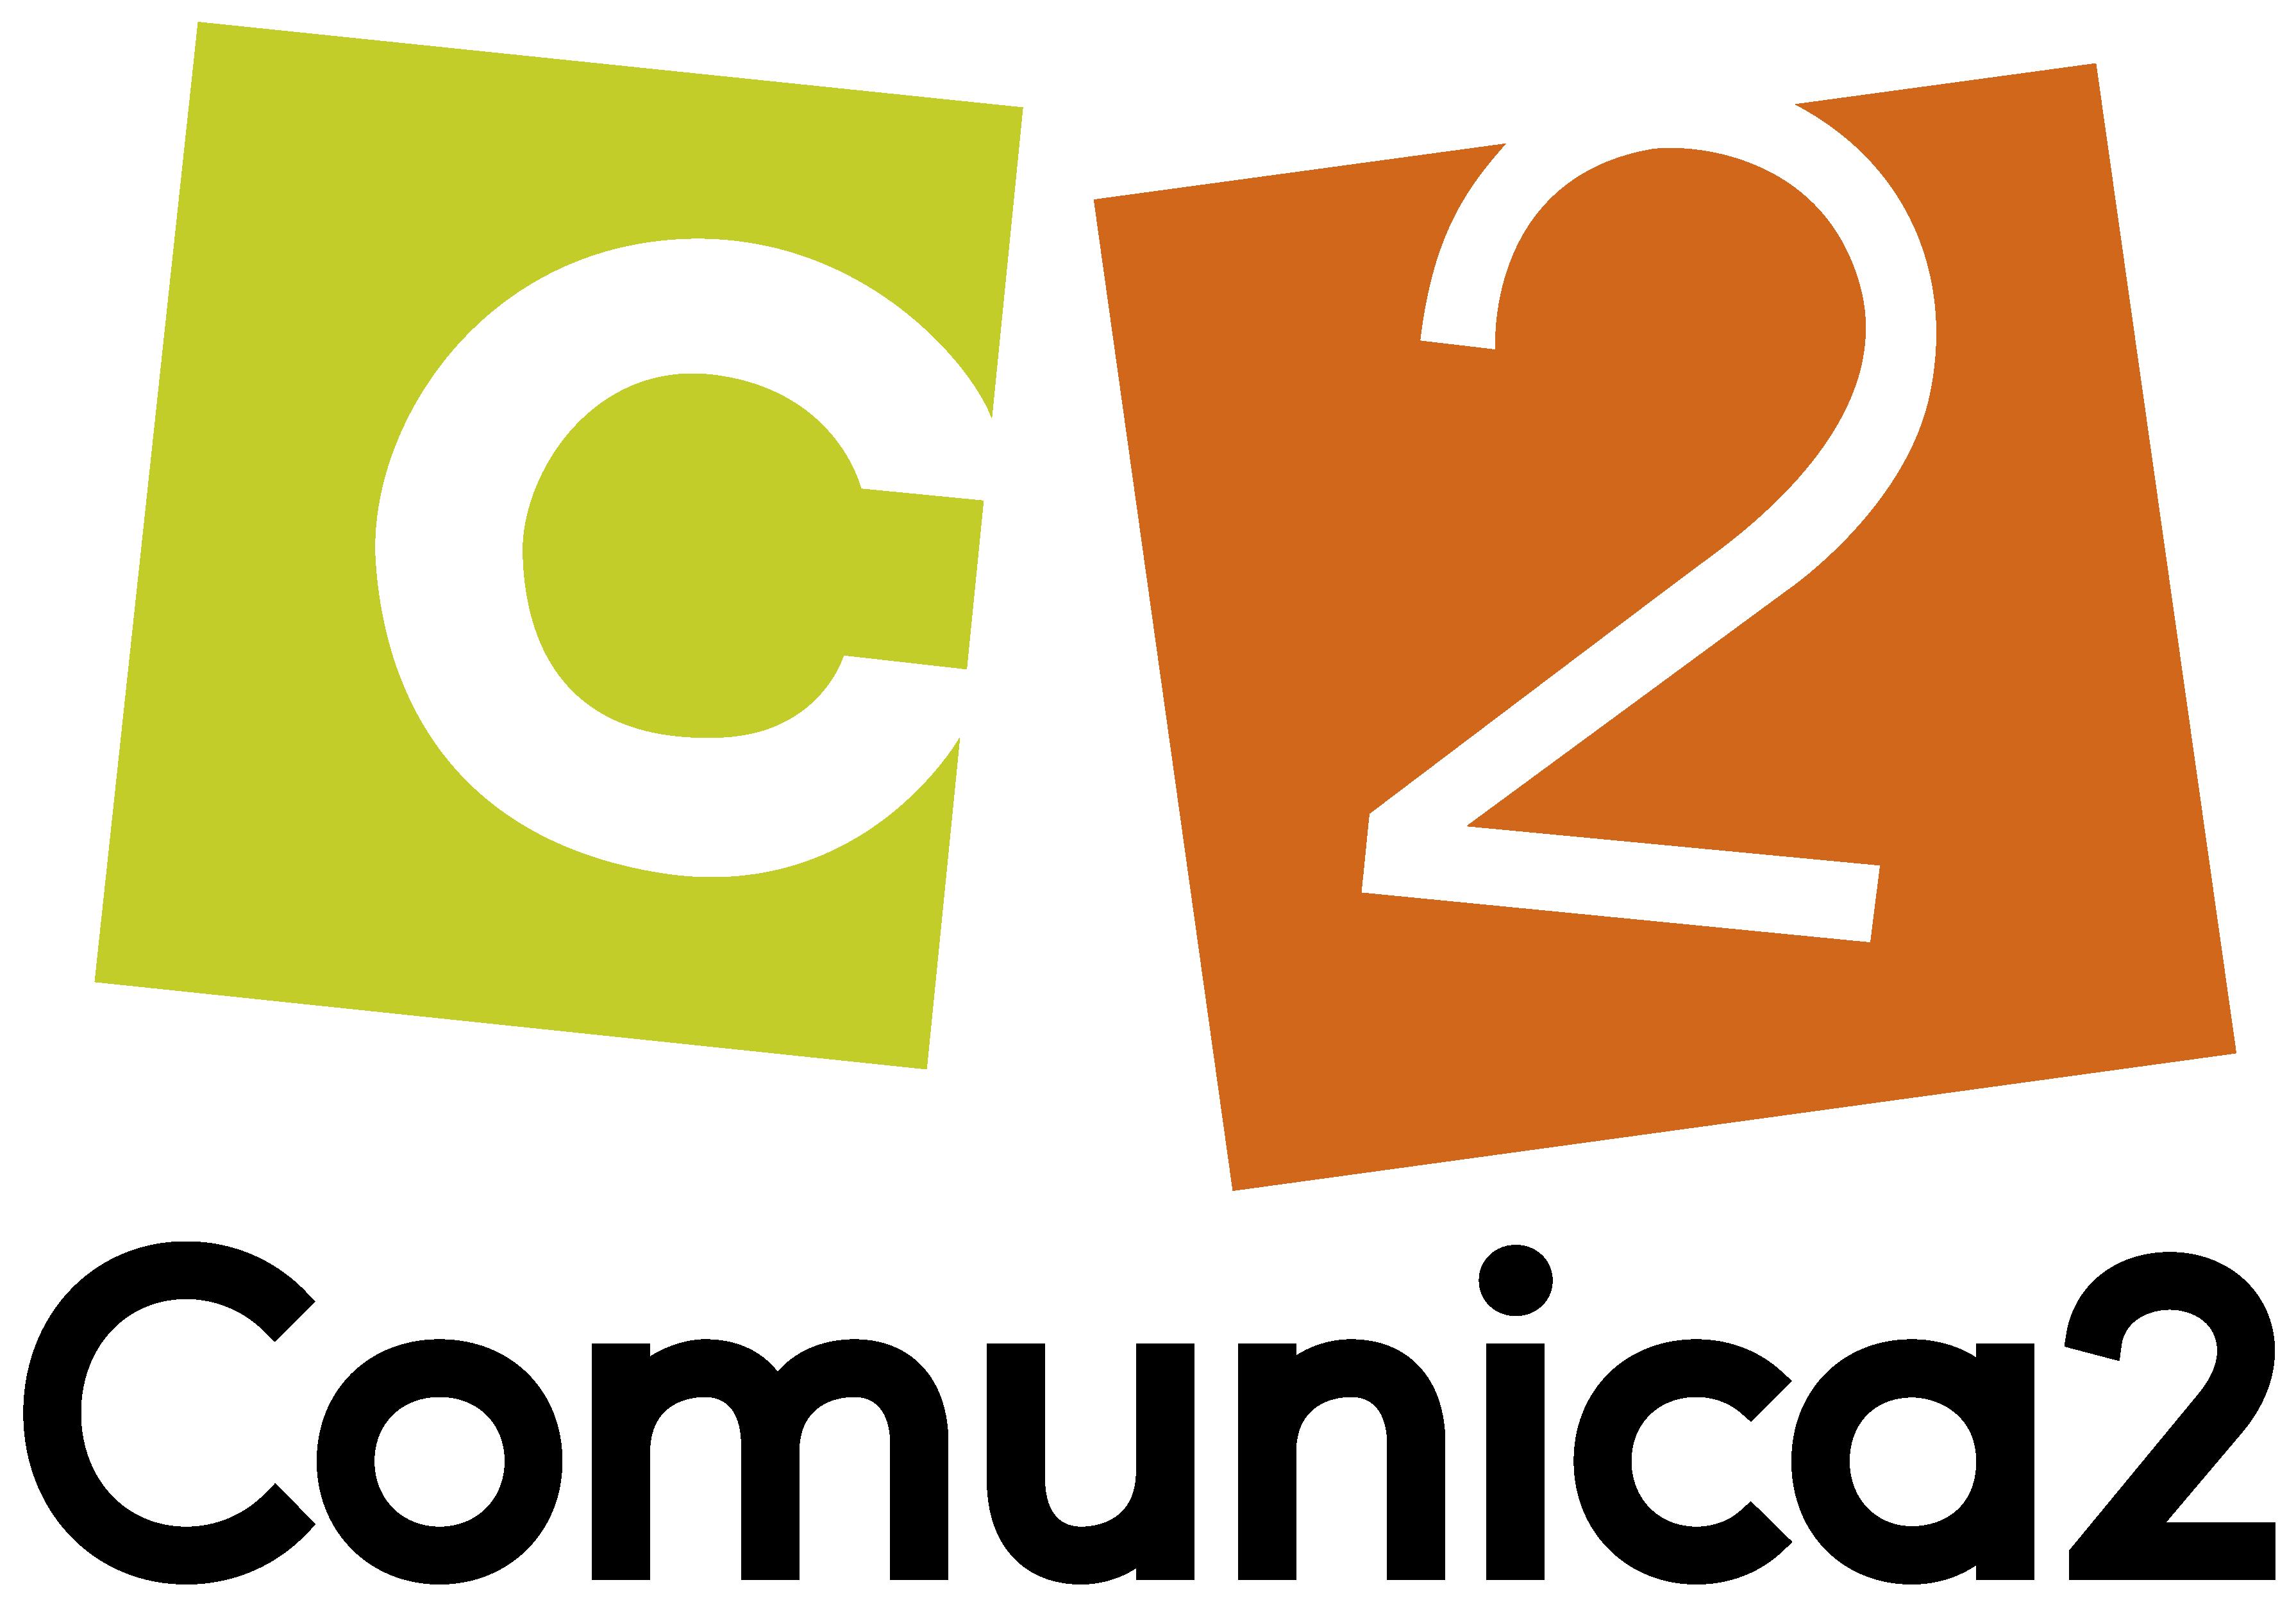 Comunica 2